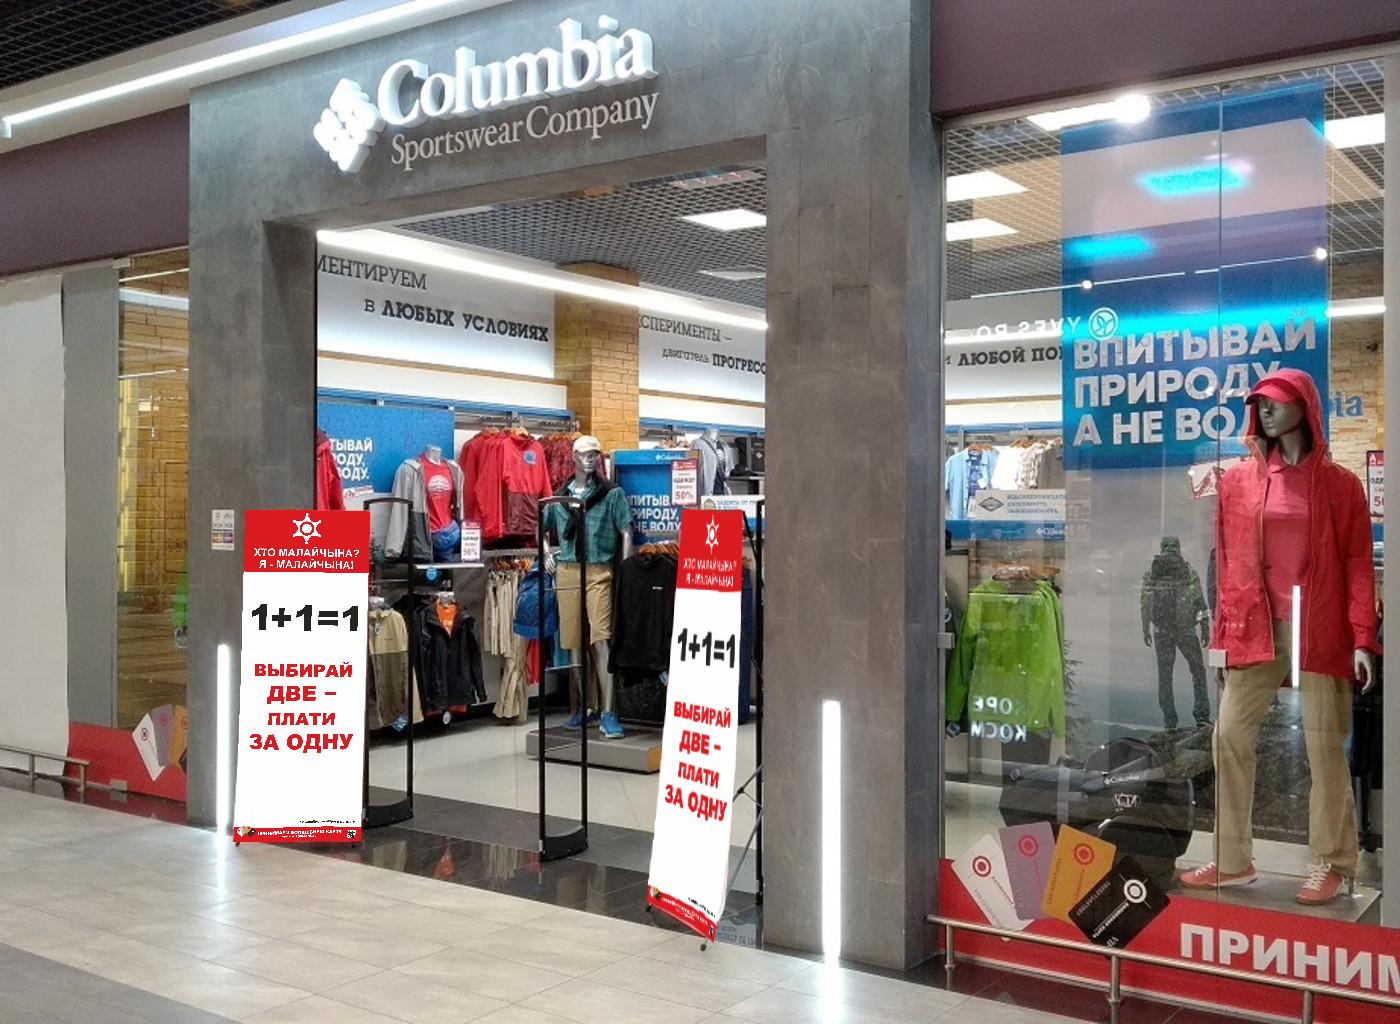 c28ef47ebe4d Columbia — крупный производитель технологичной обуви, одежды и товаров для  активного отдыха. Технологии, применяемые Columbia, обеспечивают защиту от  воды и ...